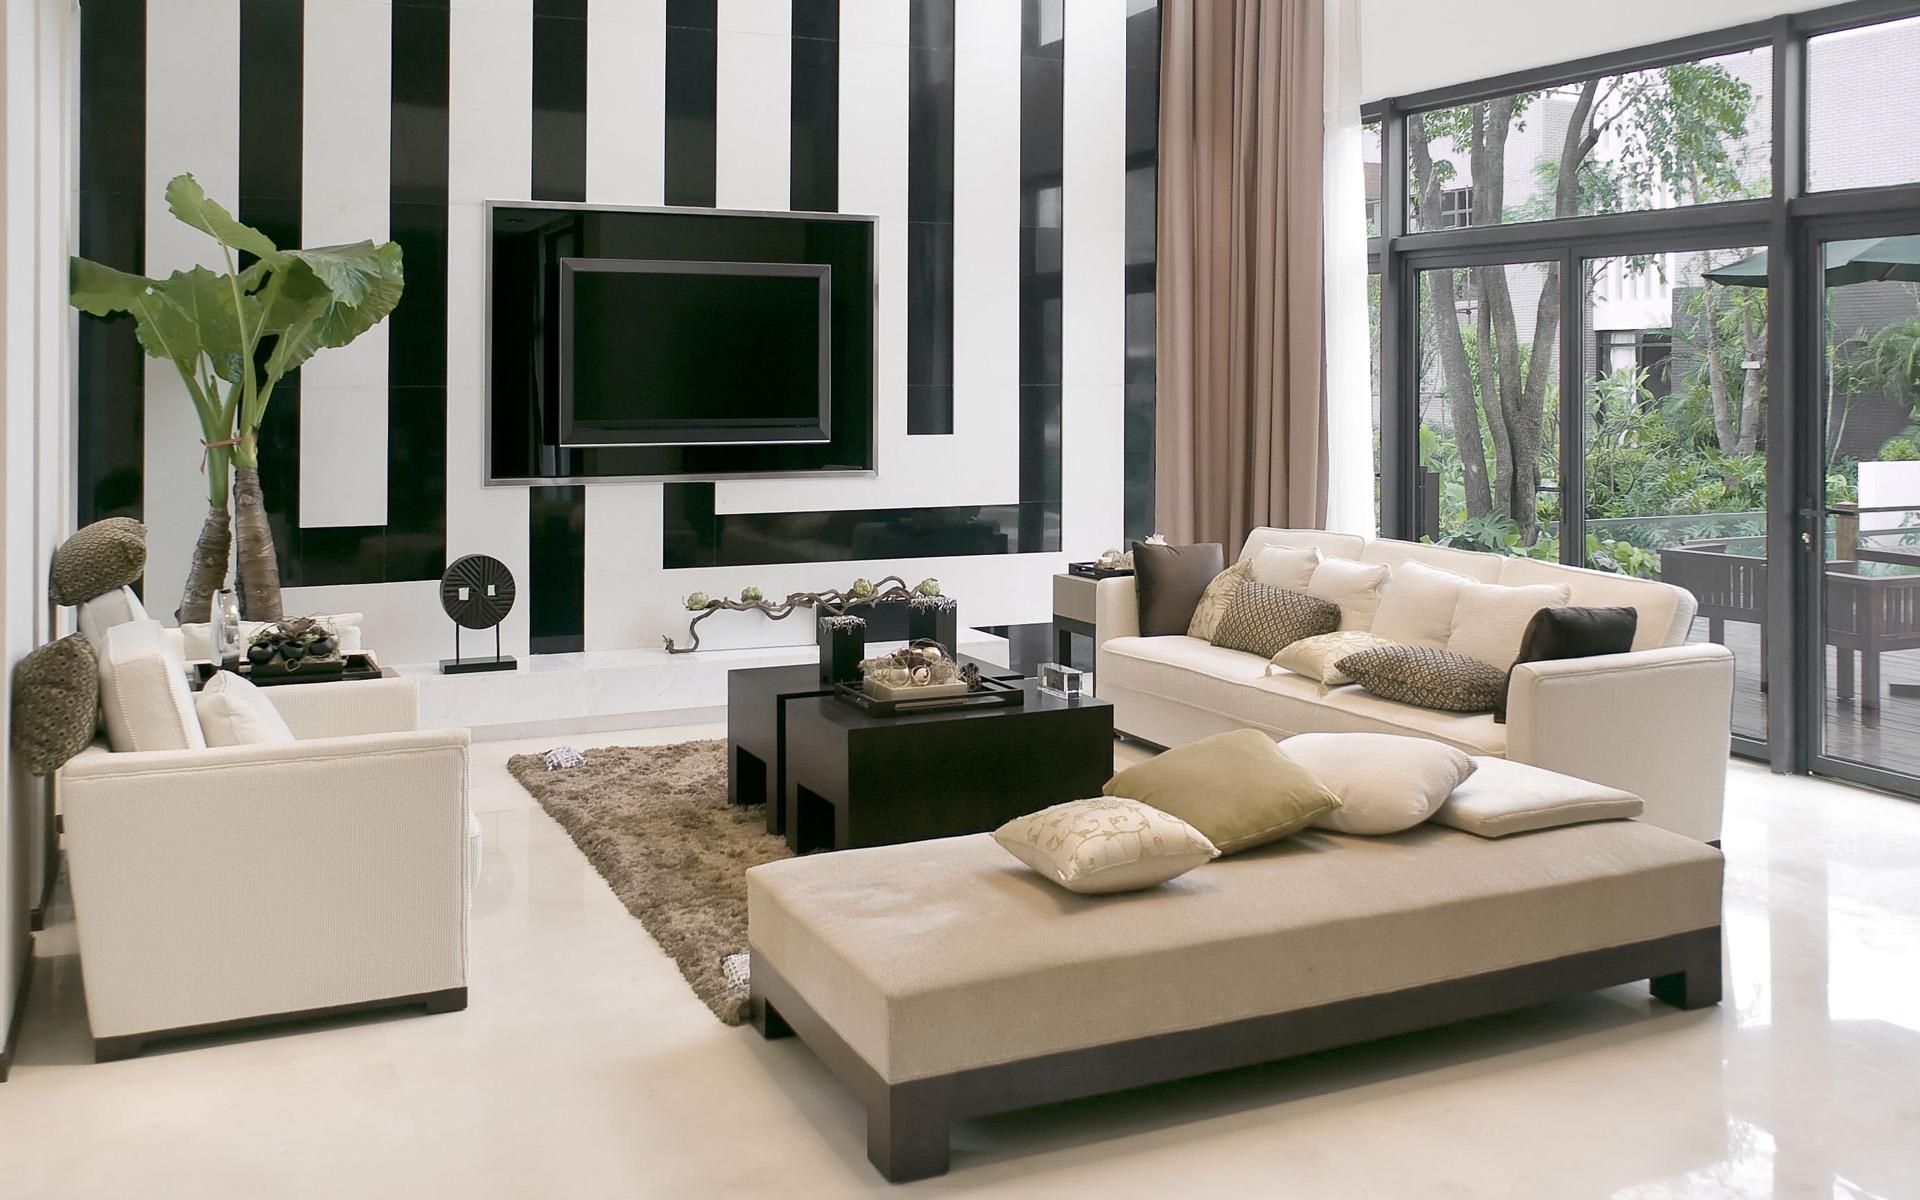 Sala convencional - 1920x1200